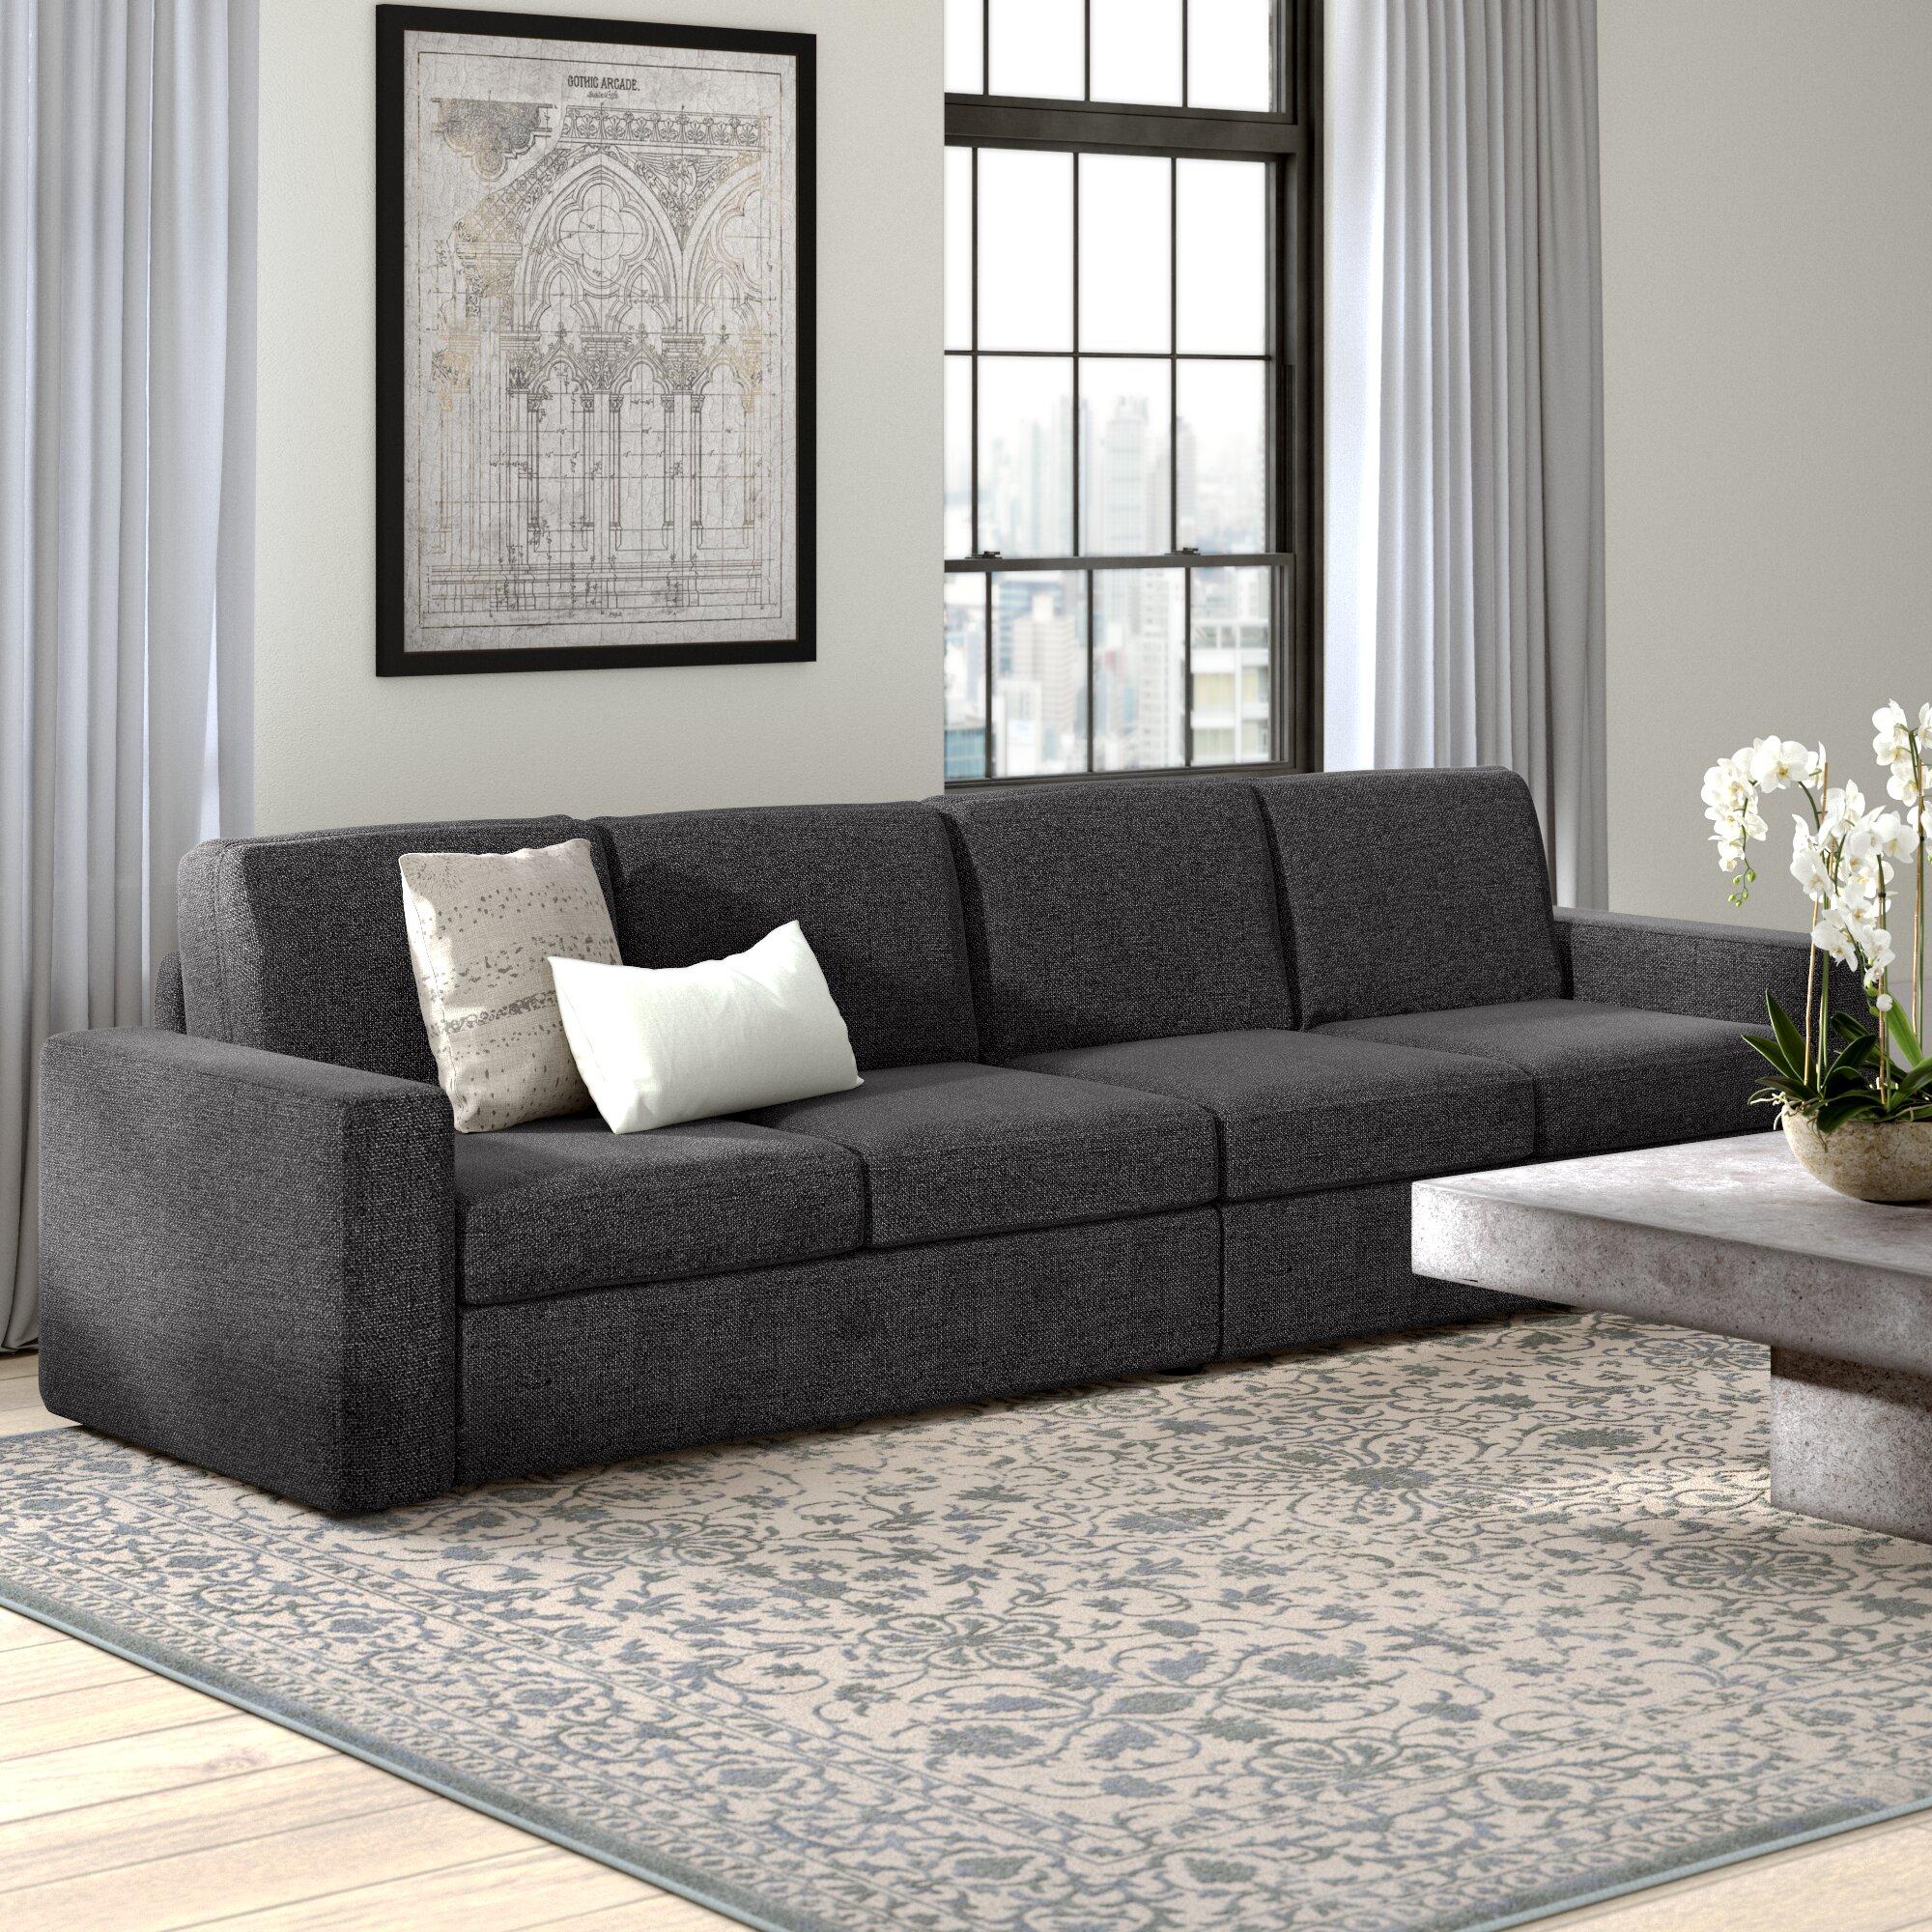 Greyleigh Gosnell Linen Modular 120 Square Arms Sofa Reviews Wayfair